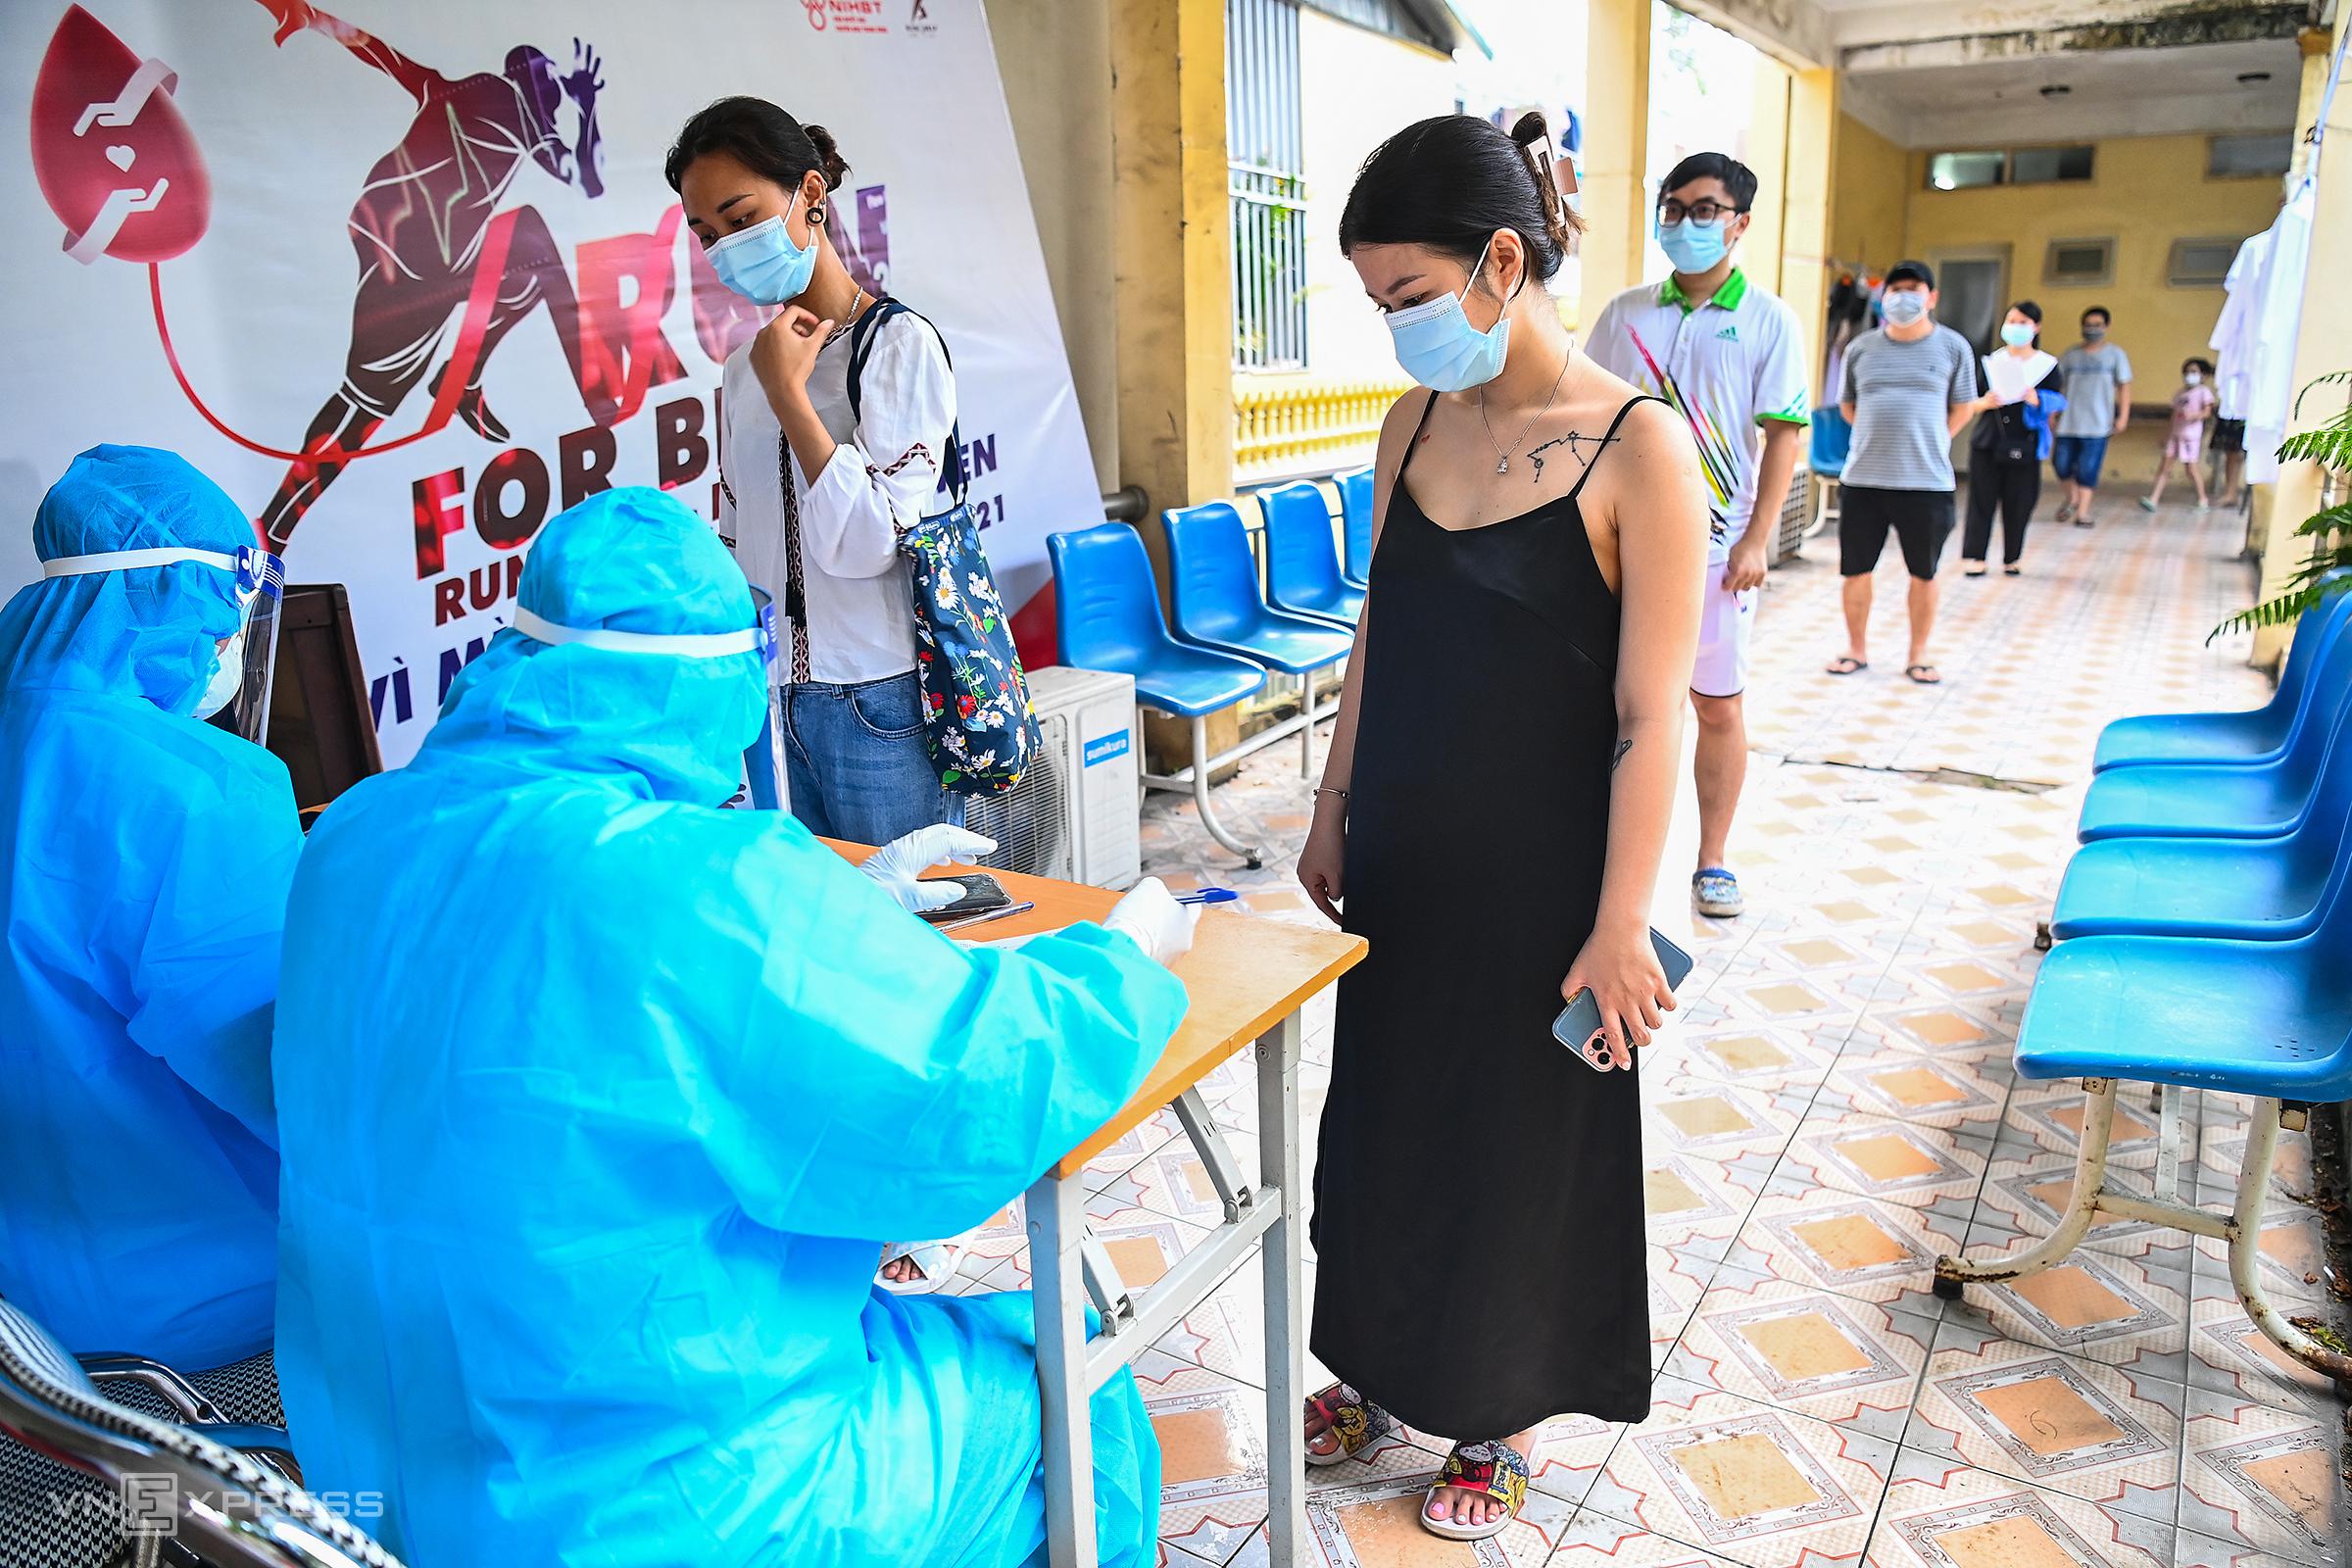 Trung tâm Y tế quận Hoàn Kiếm, Hà Nội lấy mẫu xét nghiệm cho người dân về từ Đà Nẵng, ngày 15/5. Ảnh: Giang Huy.